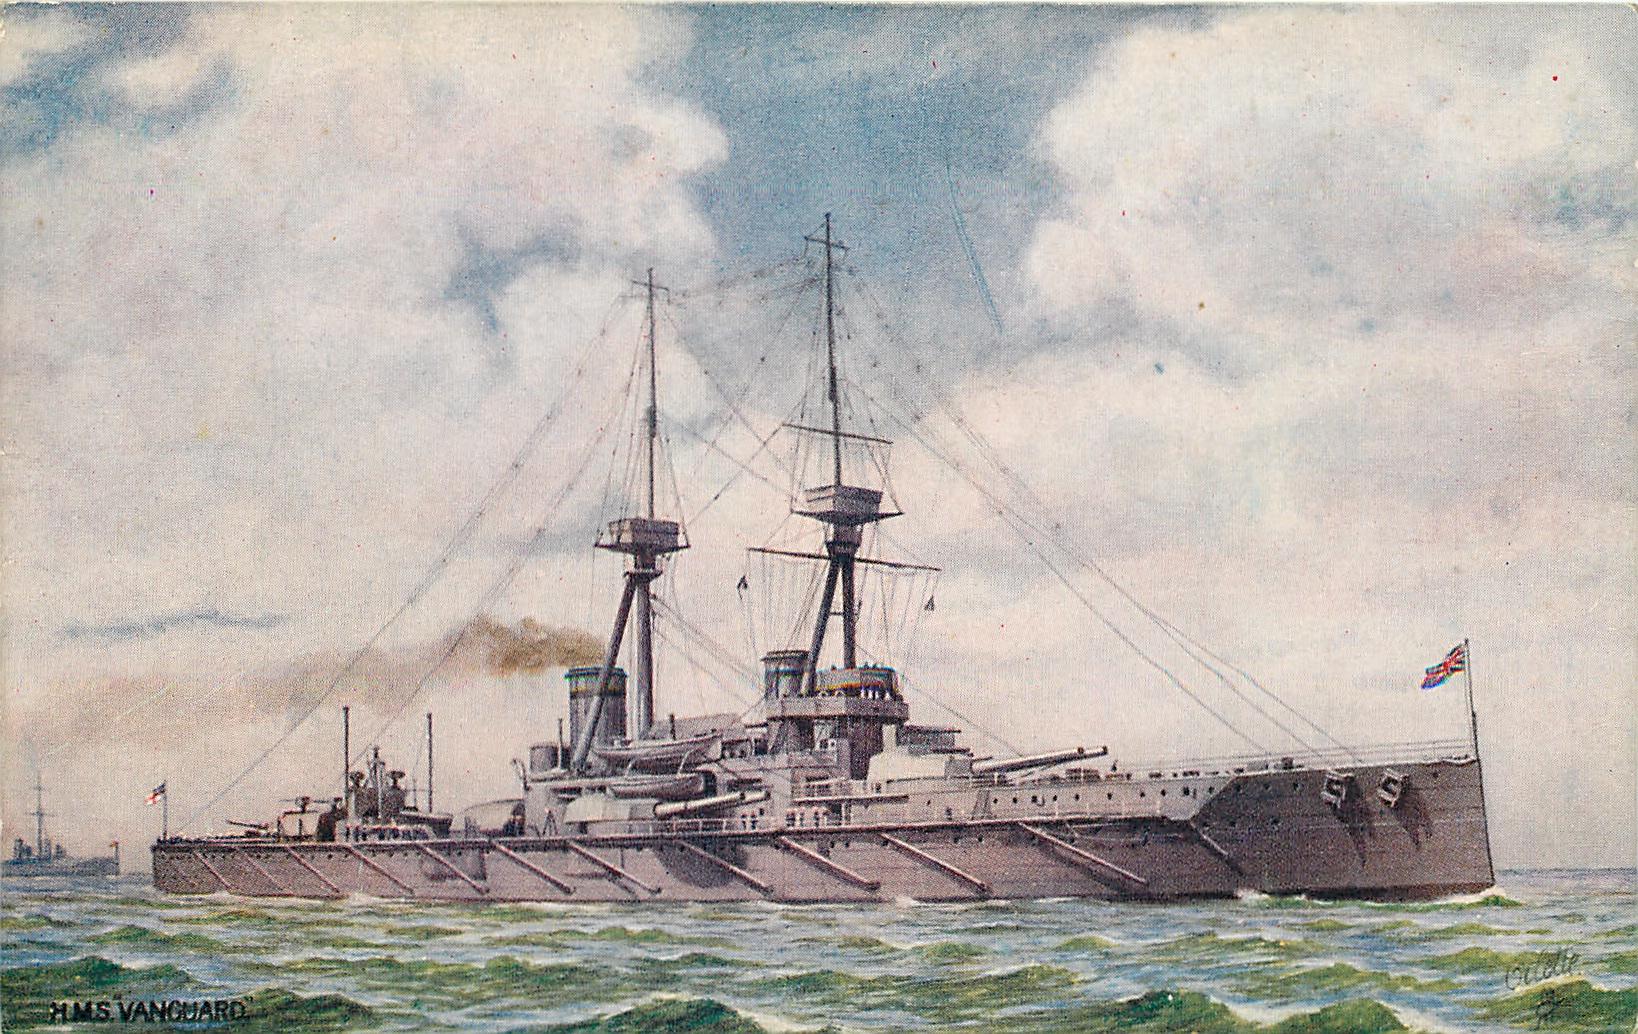 H.M.S. VANGUARD